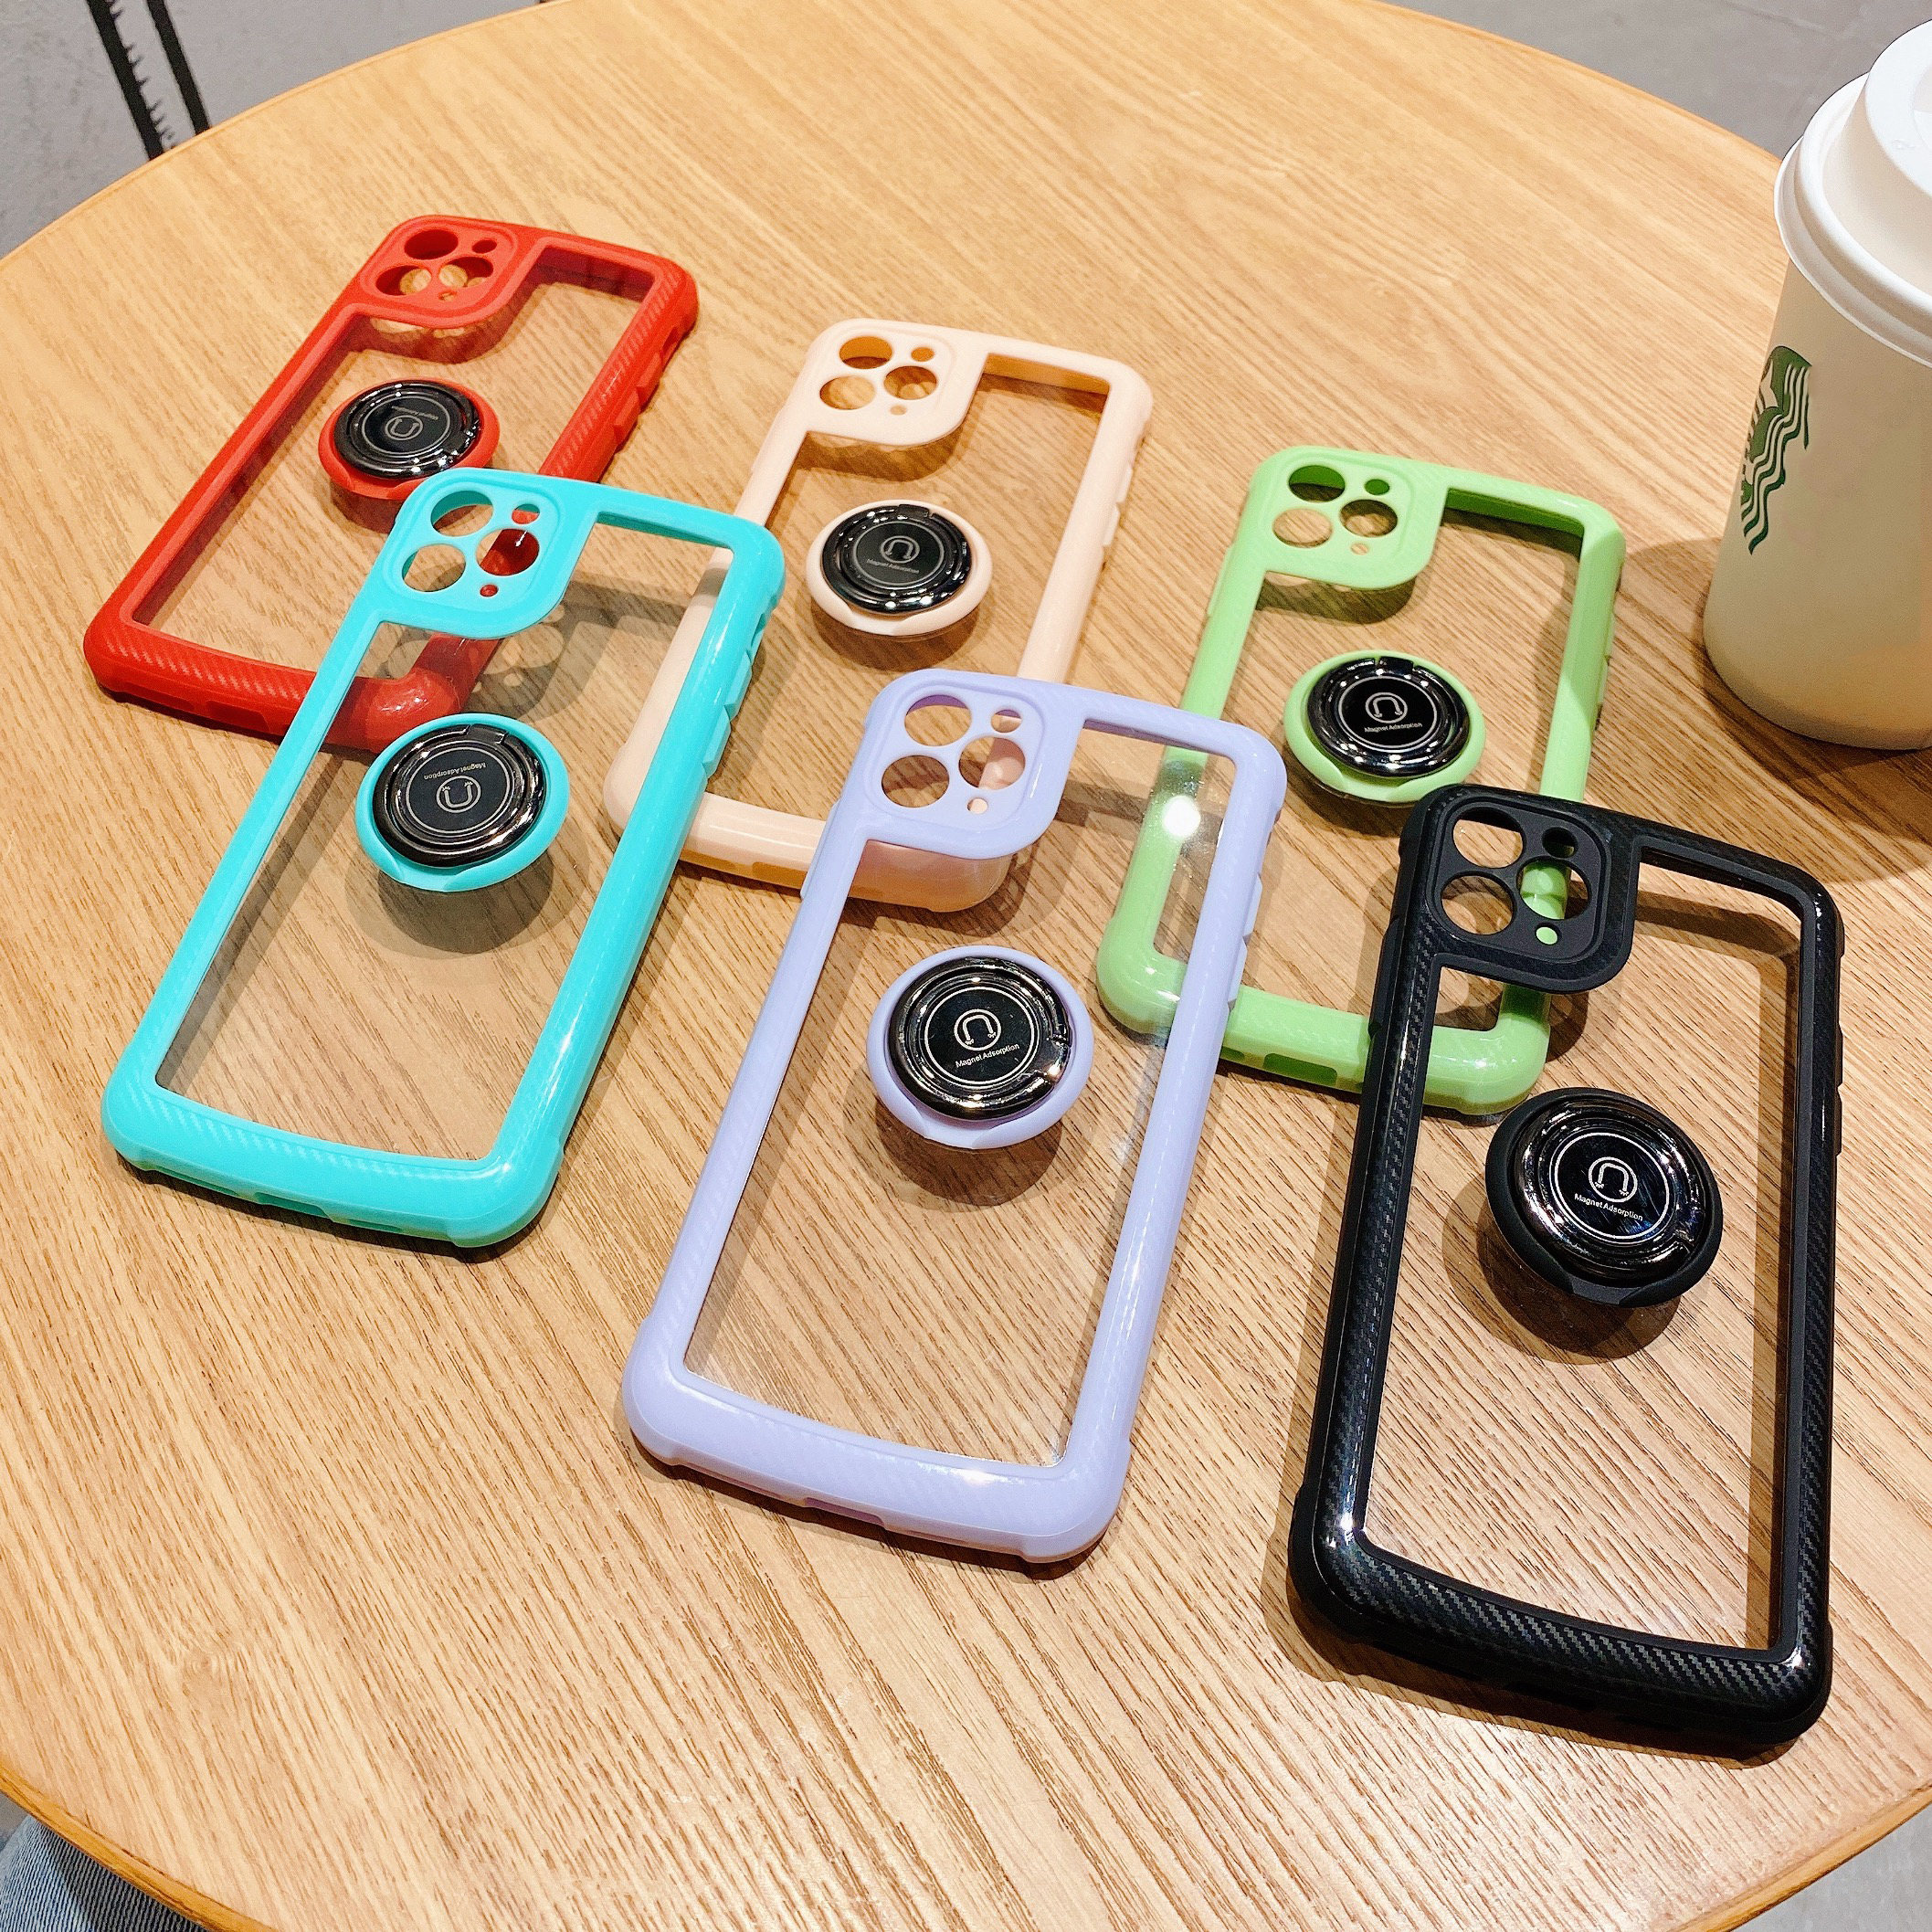 Для Apple iphone 11 12 Pro Max Мини чехол-подставка для телефона на магните с кольцо чехол для iphone XS Max XR X SE 2020 Мягкий силиконовый чехол для телефона